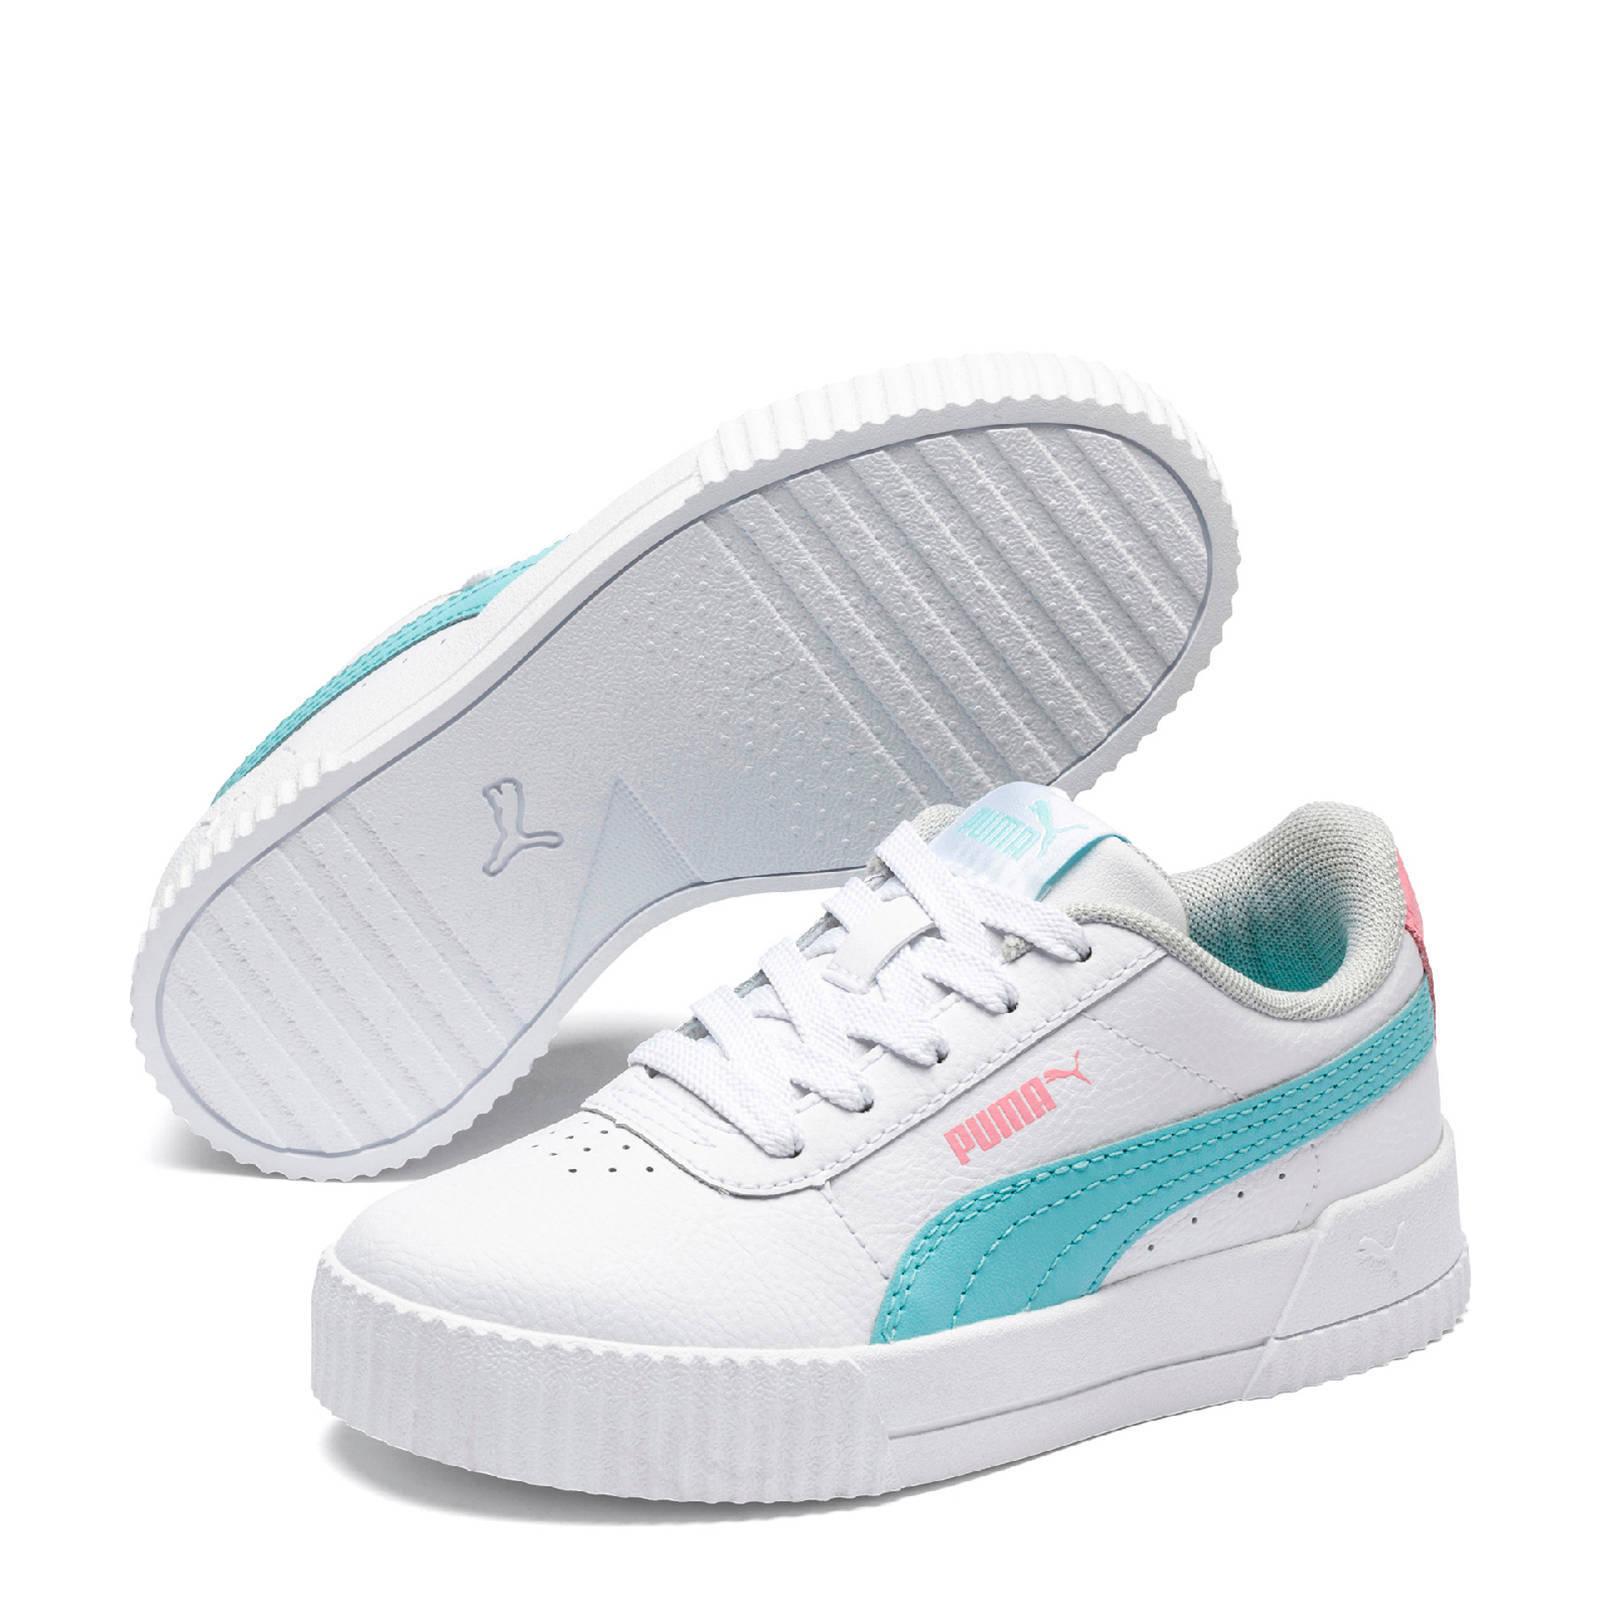 Puma Carina L PS sneakers wit/blauw/roze | wehkamp